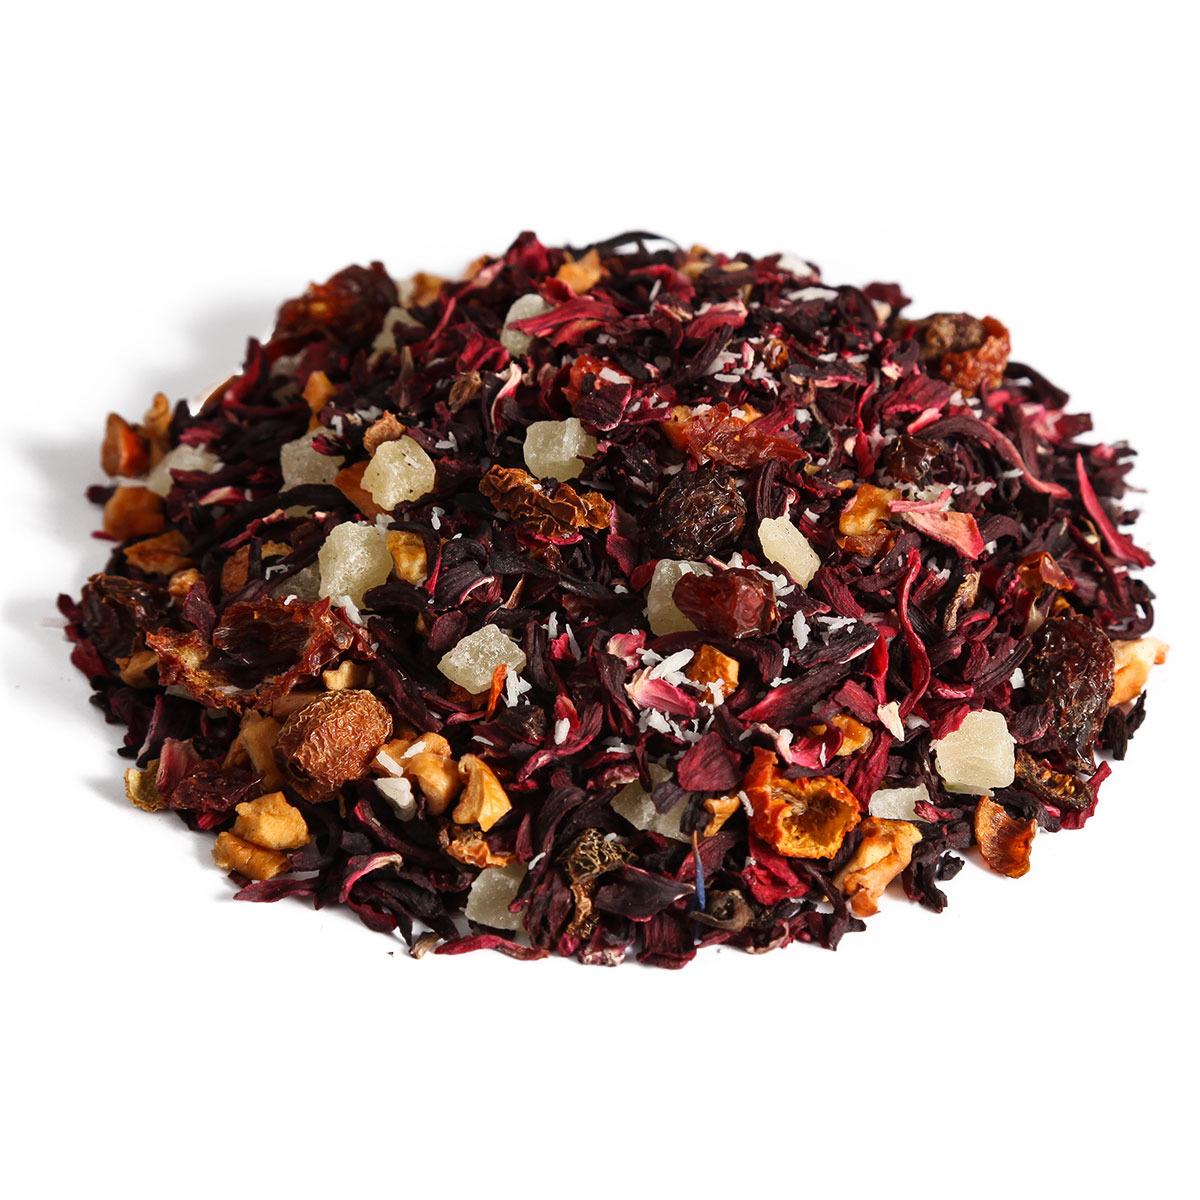 Чайный напиток Первая Чайная Компания Пина Колада, травяной, 100 г imperial tea beauty fitness напиток чайный 100 г